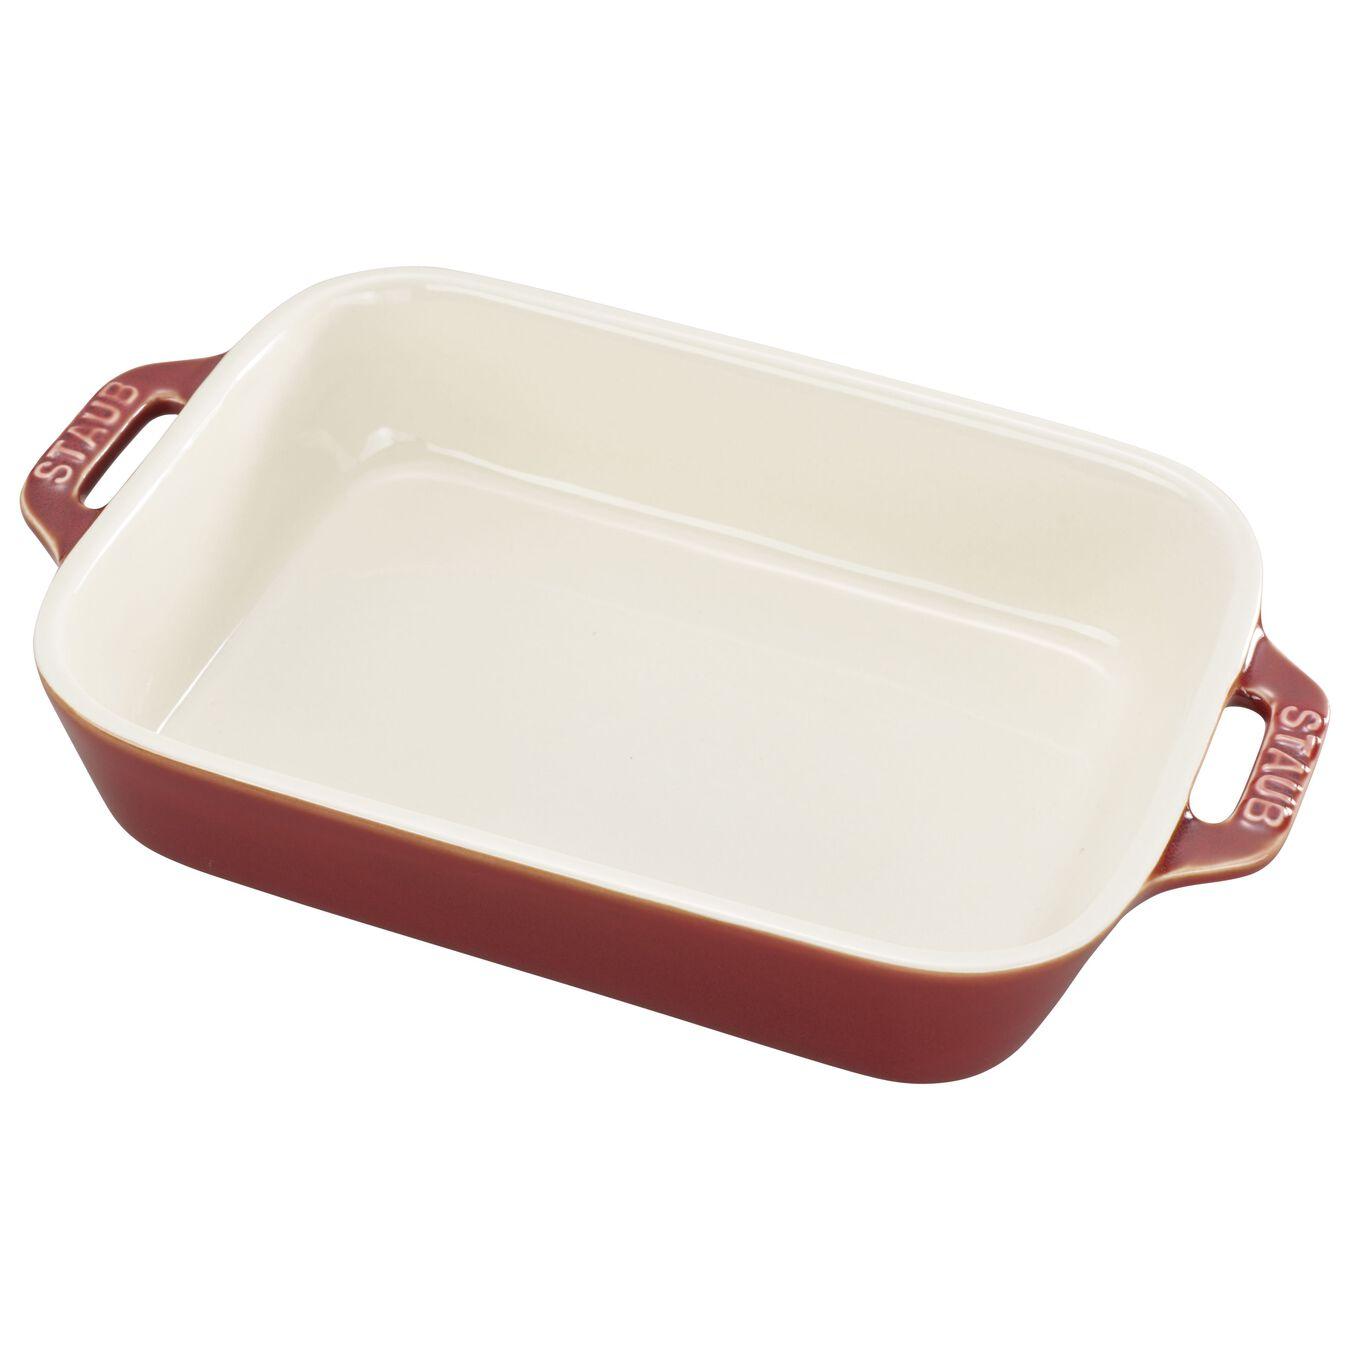 2-pc Rectangular Baking Dish Set - Rustic Red,,large 2